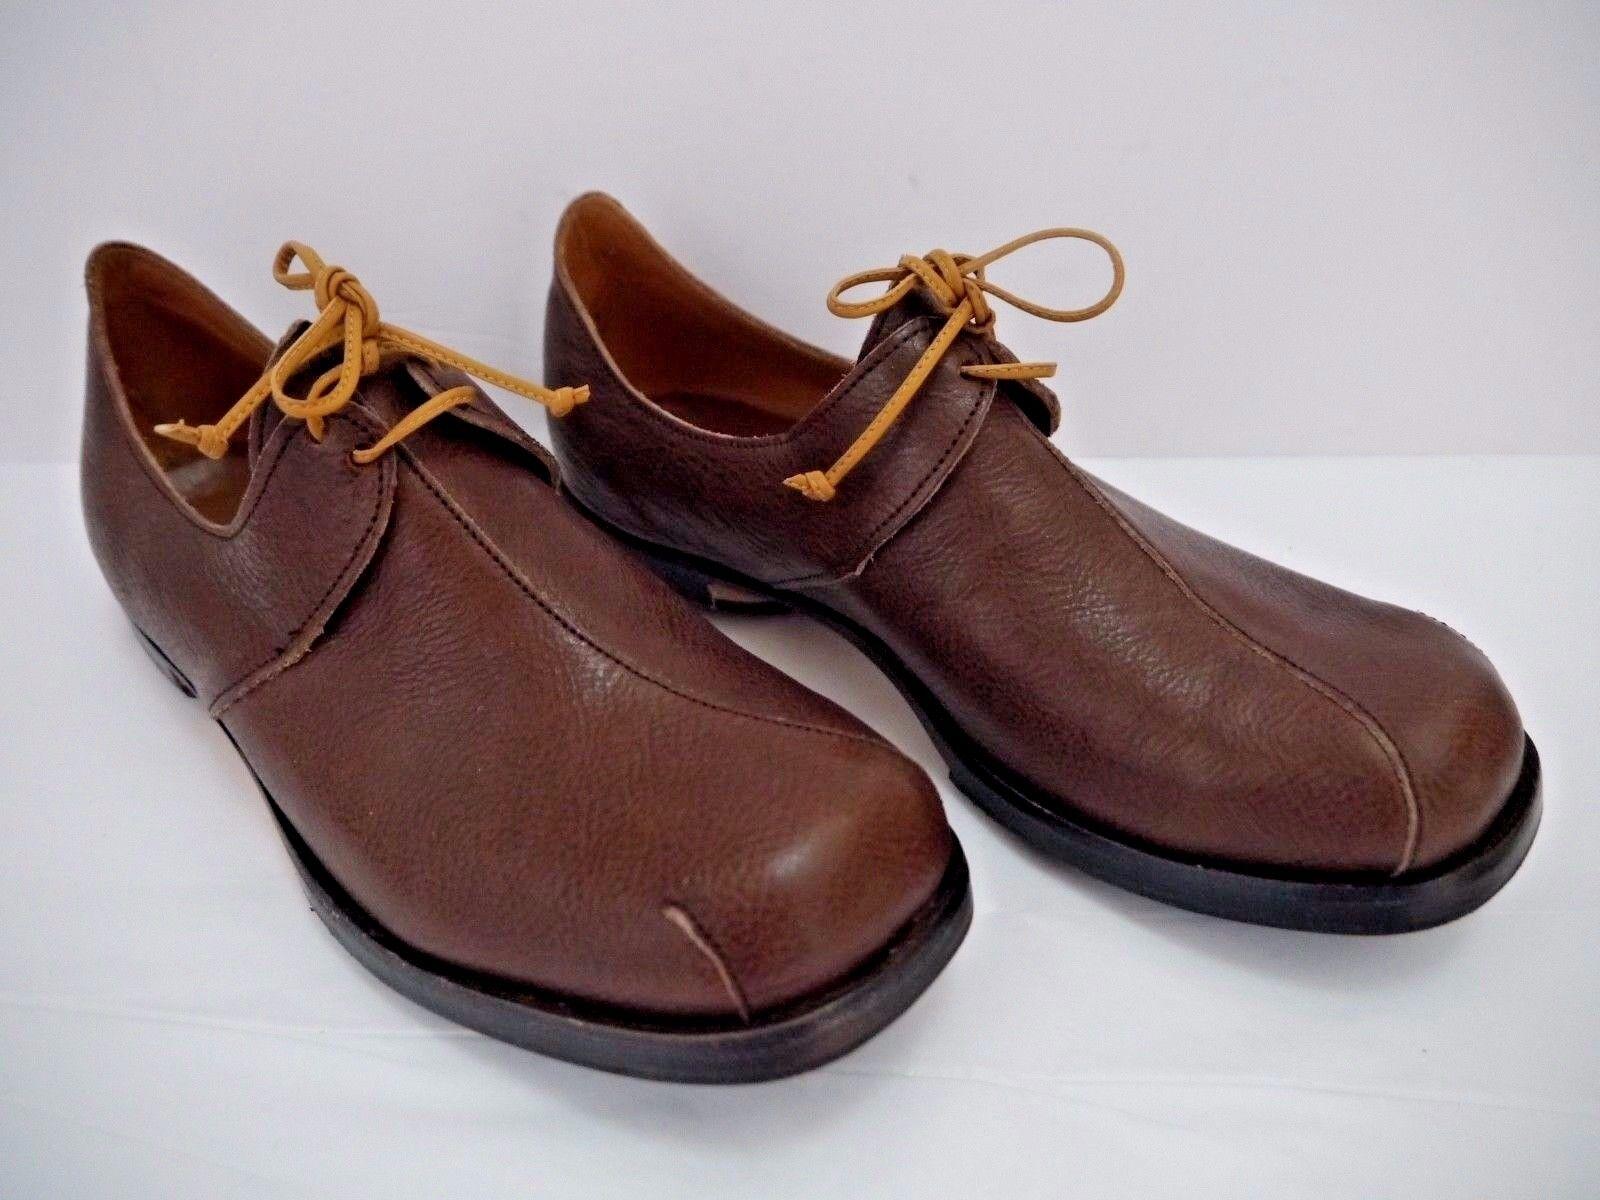 risposta prima volta NEW CYDWOQ  321 321 321 Branch Marrone leather lace-up detail loafers flat scarpe Dimensione 38  ordina ora con grande sconto e consegna gratuita